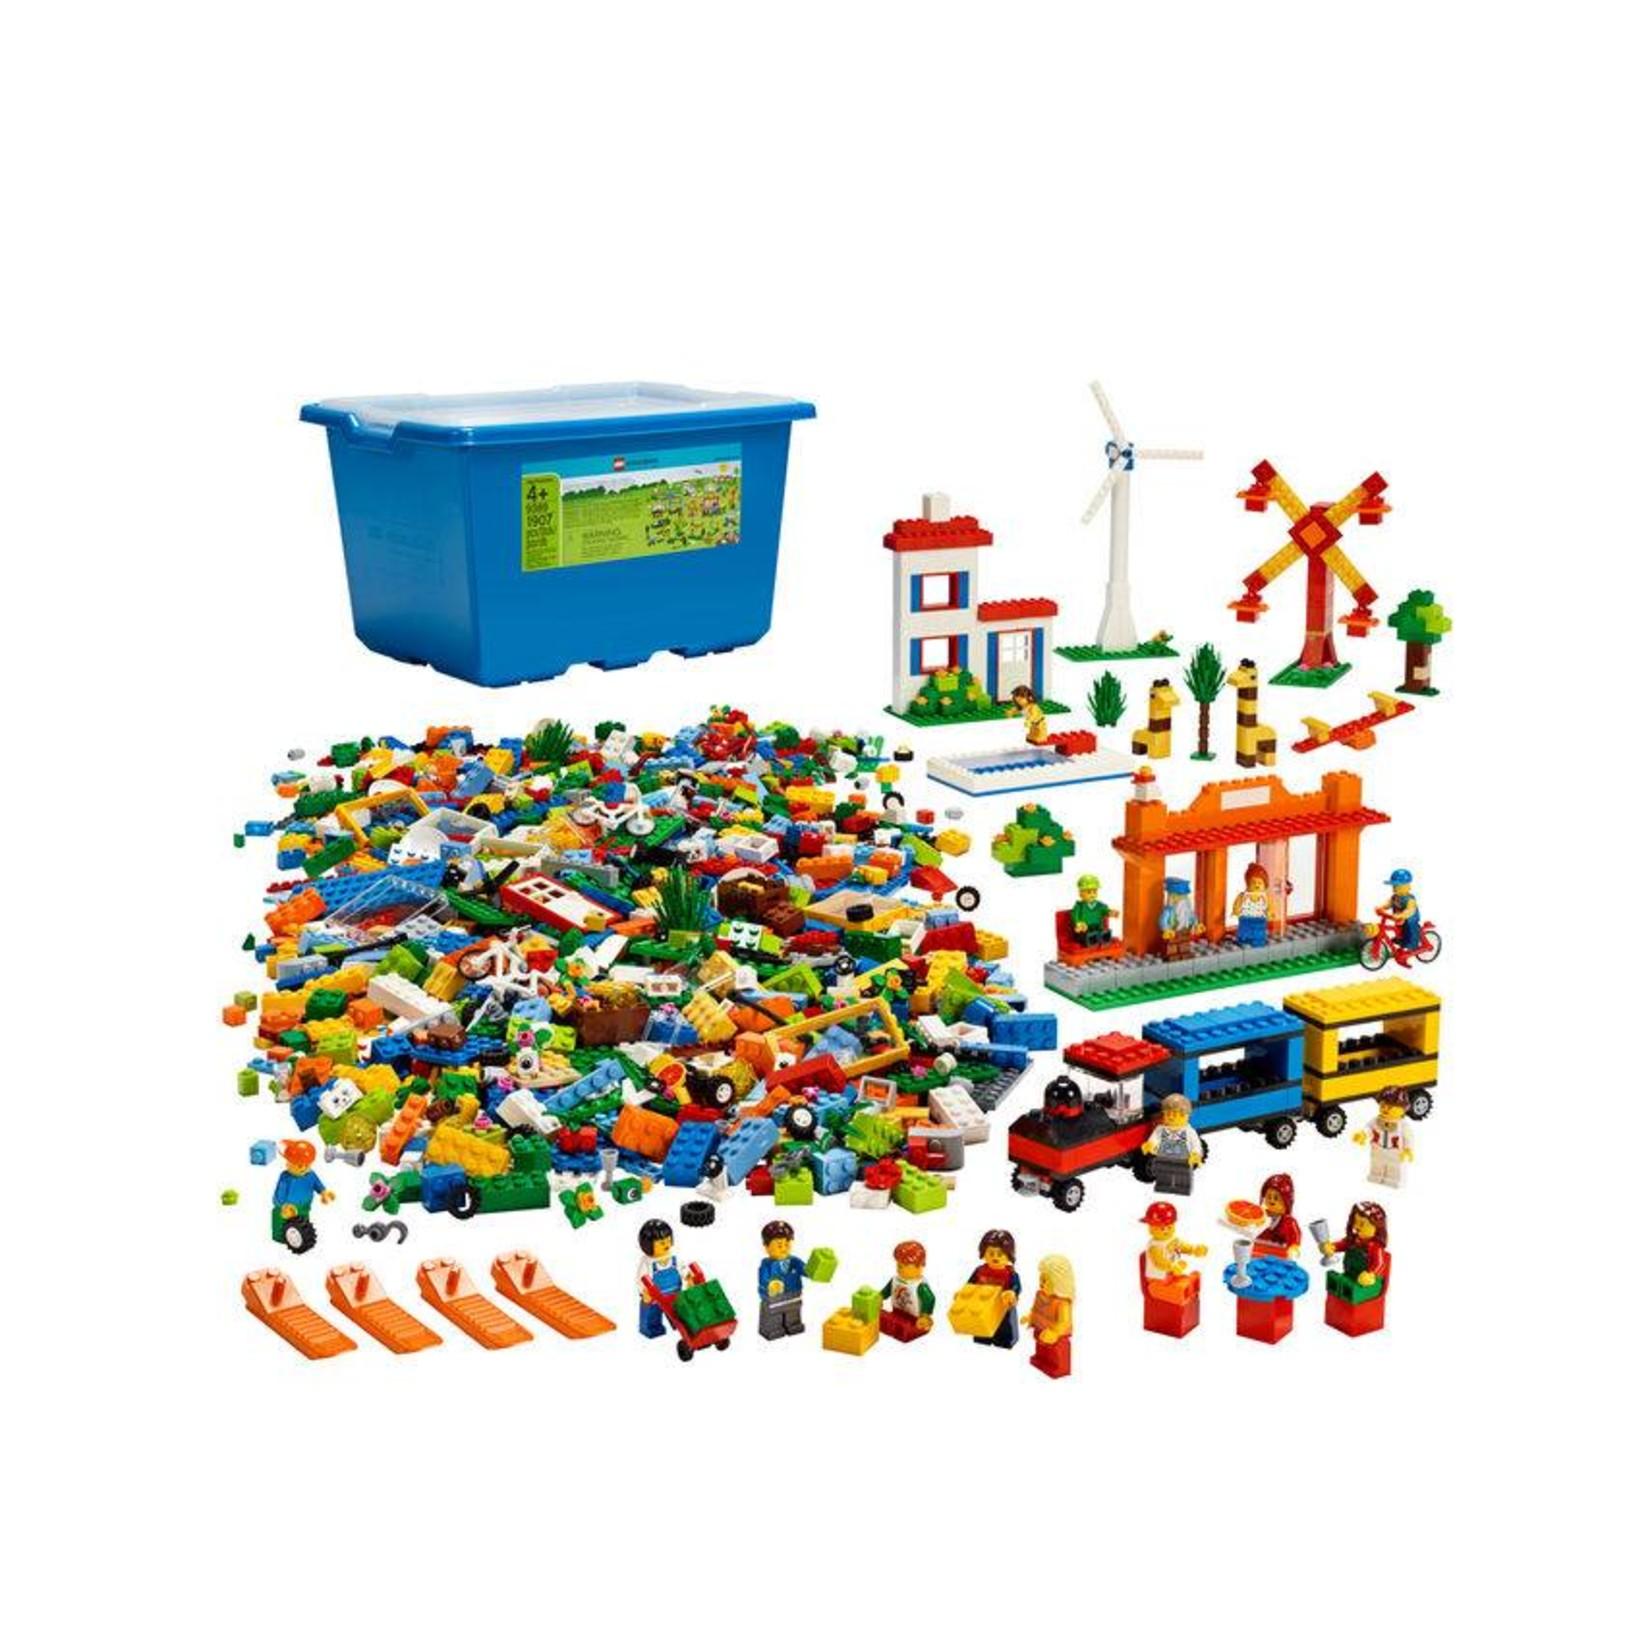 LEGO® Education Community Starter set